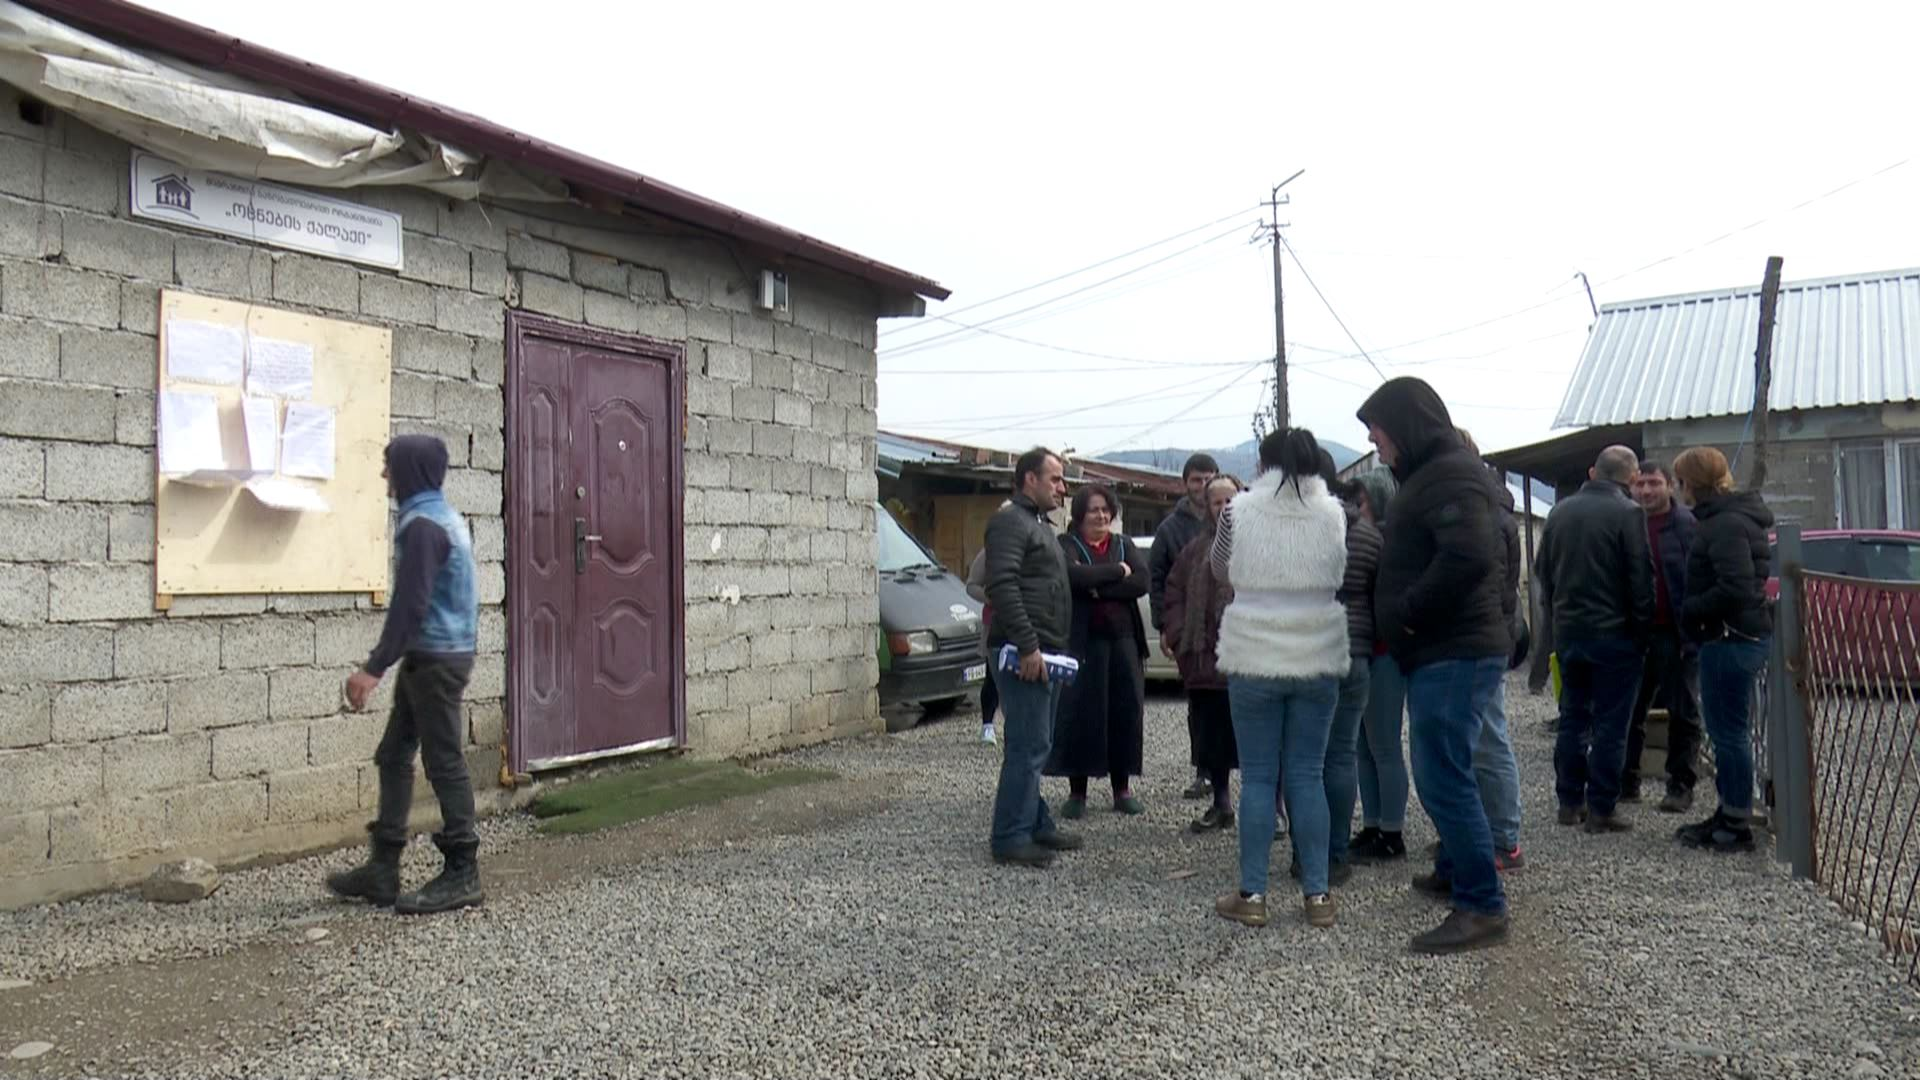 """""""ოცნების ქალაქში"""" მცხოვრები  ოჯახების  ნაწილს  კომპენსაცია აღებული  აქვს, ფლობს მიწის ნაკვეთს და სახლს""""- კომისიის თავმჯდომარე"""